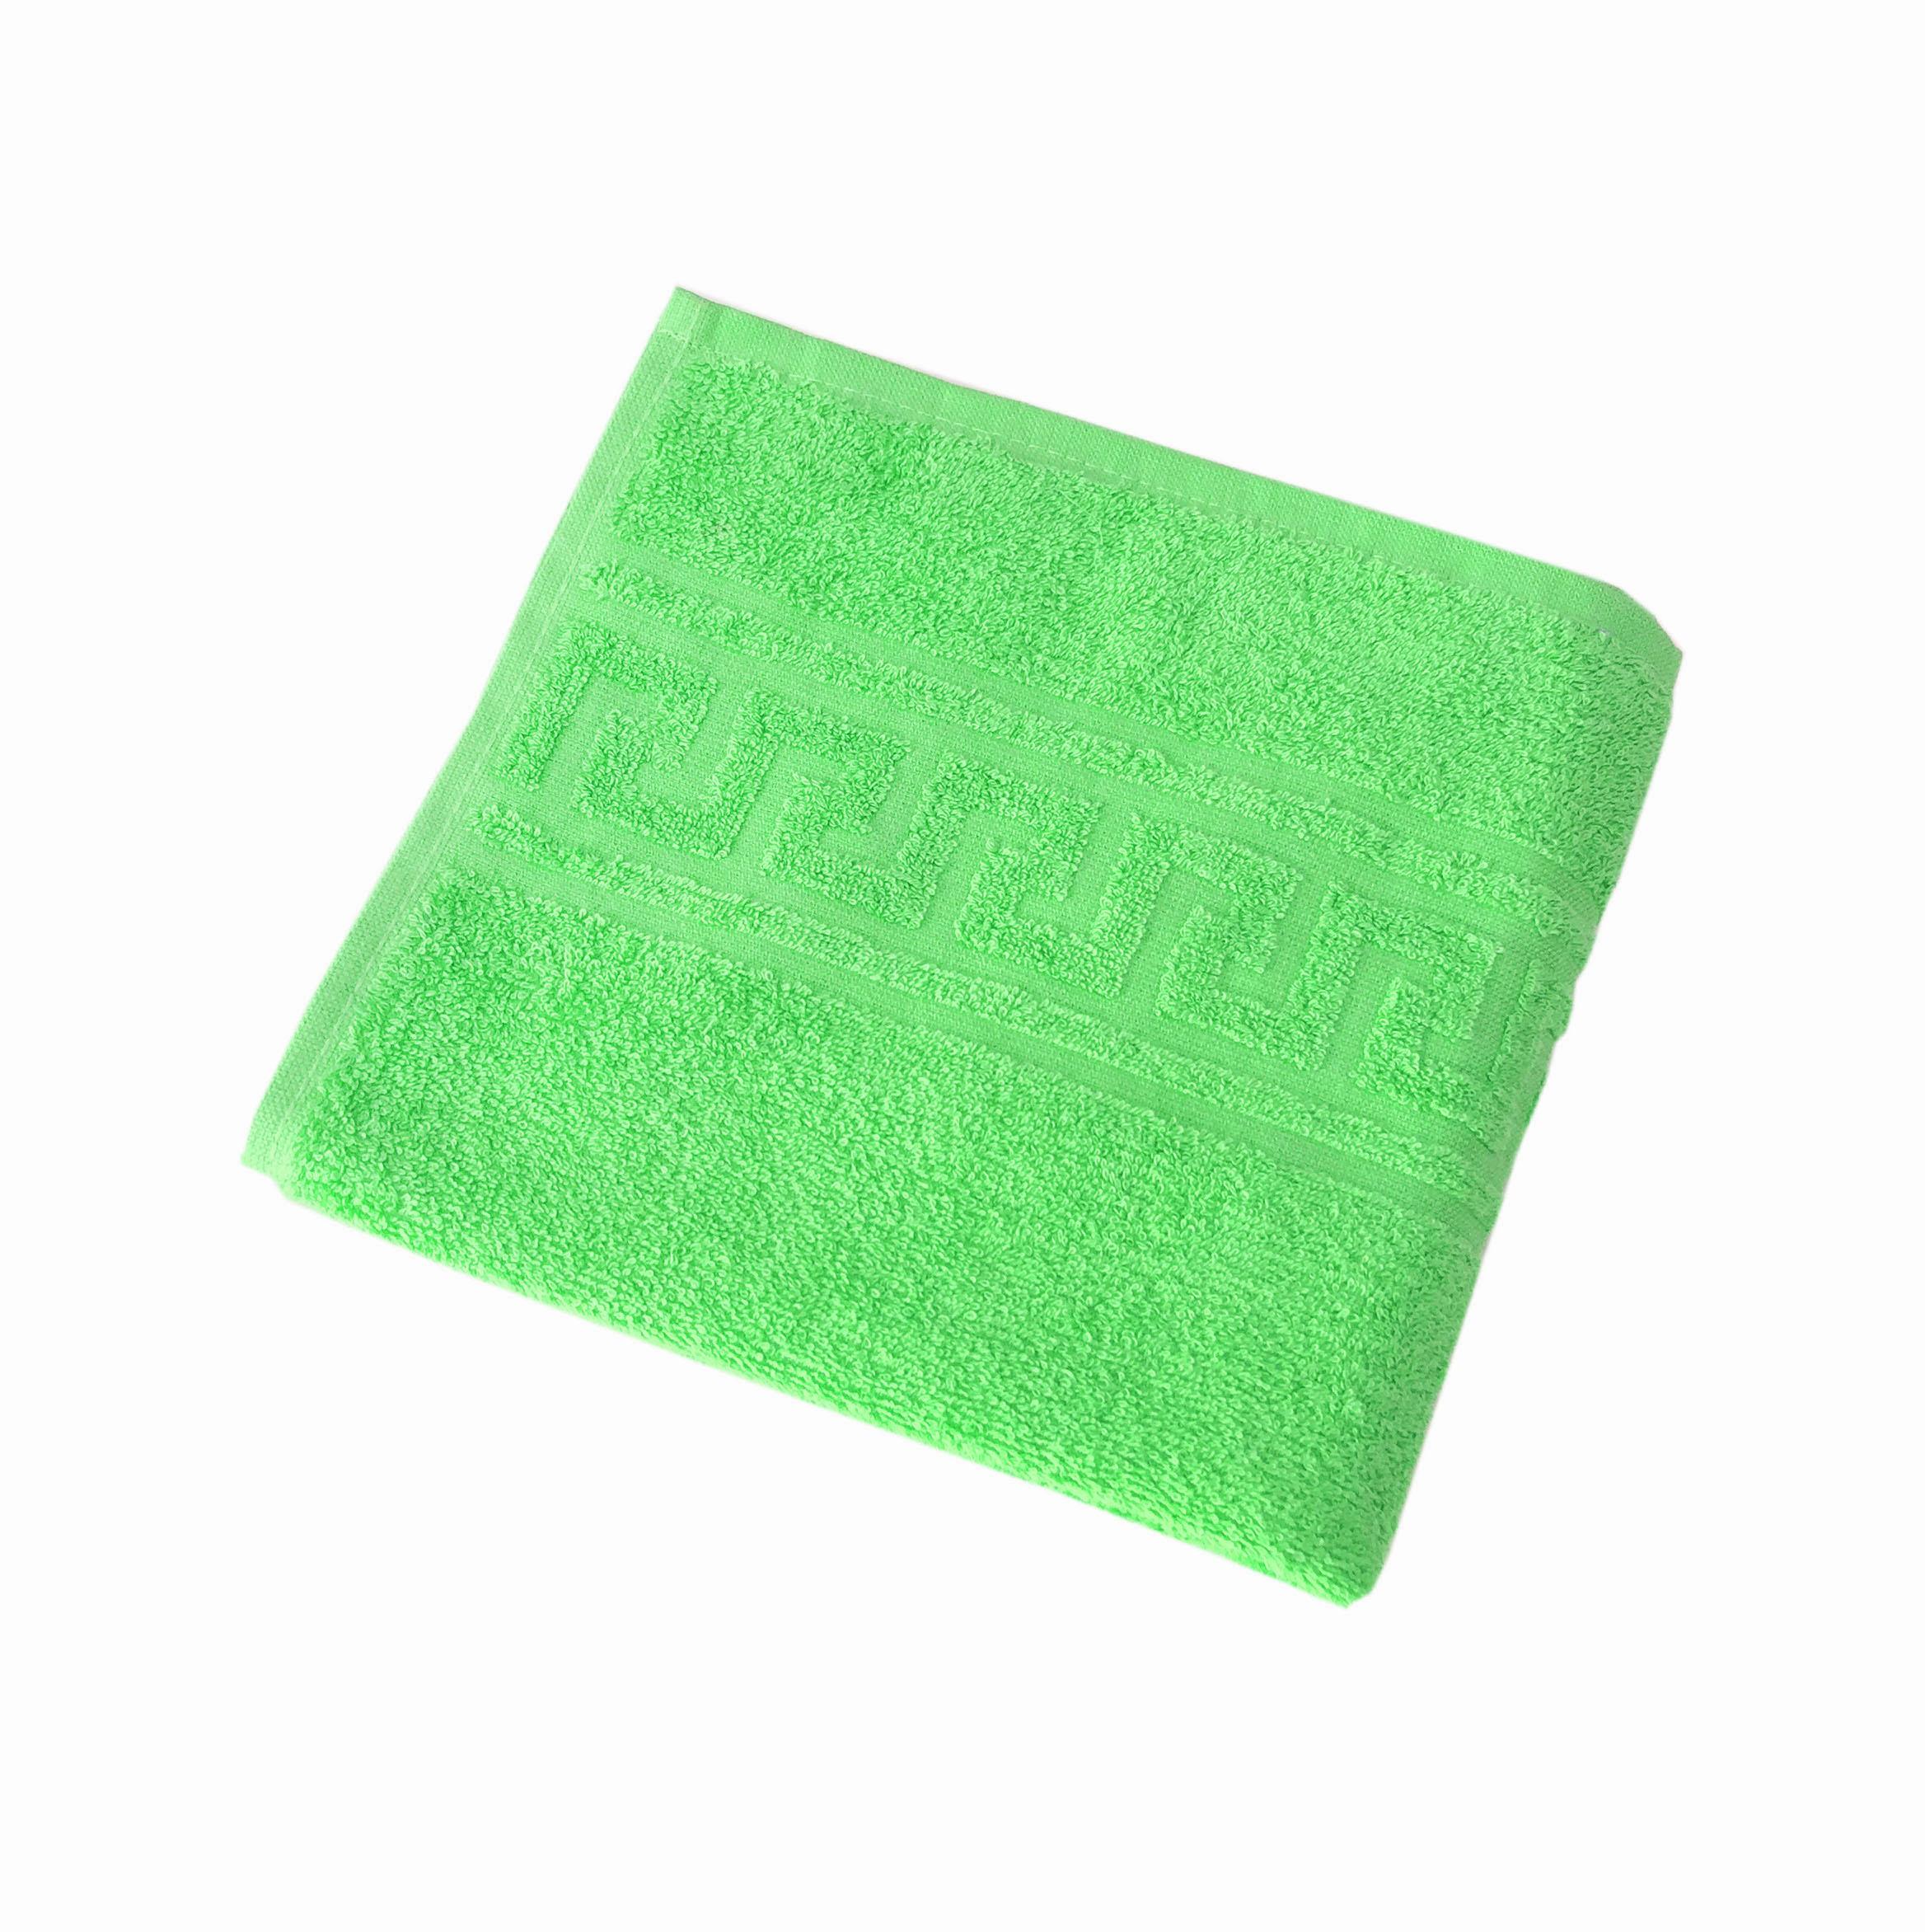 Махровое гладкокрашенное полотенце 50*90 см 380 г/м2 (Салатовый)